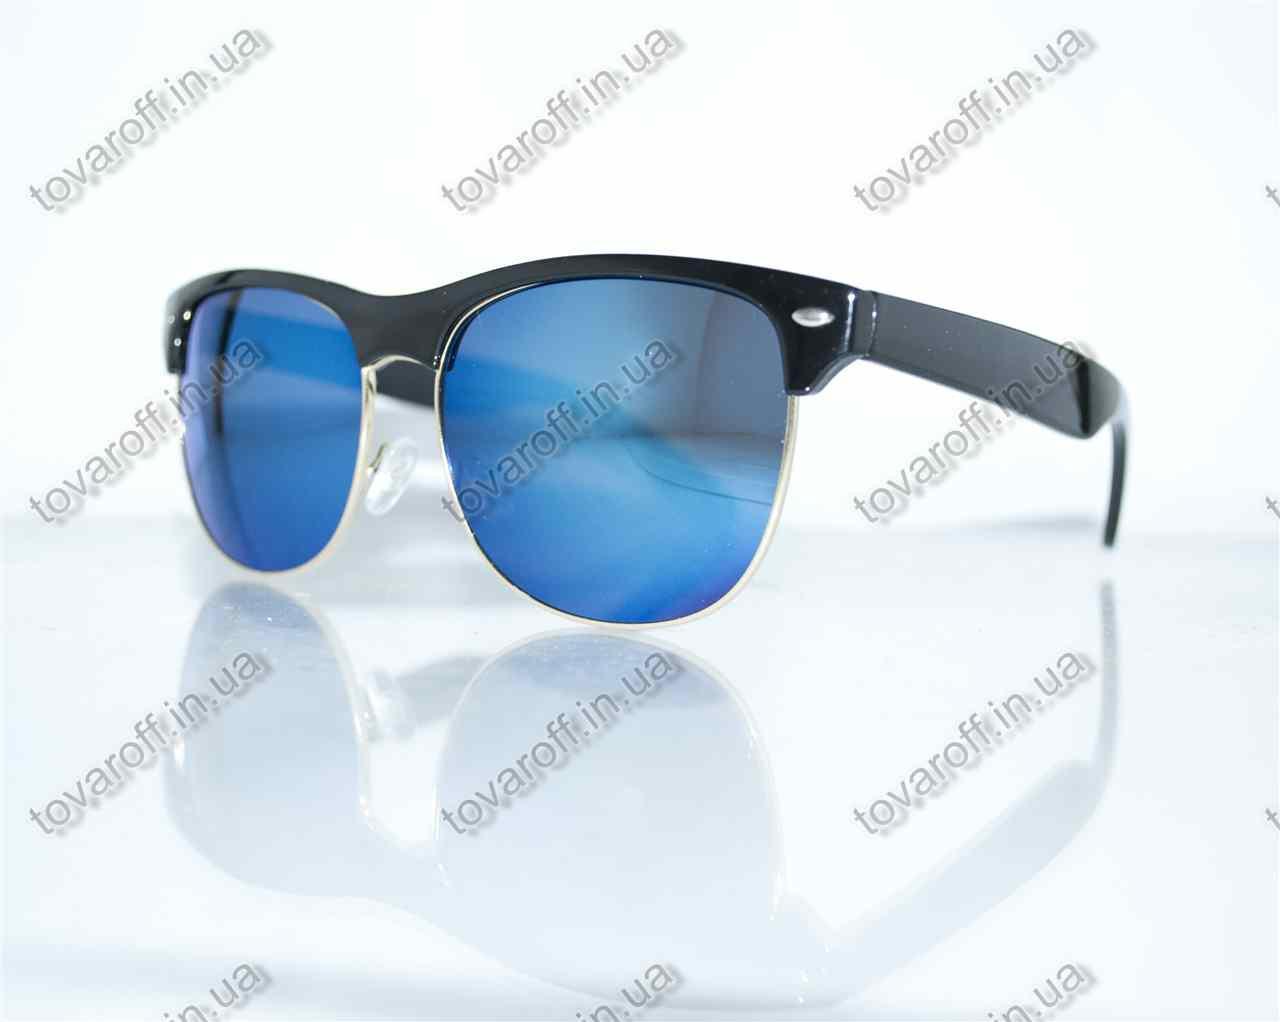 Оптом очки унисекс солнцезащитные Вайфарер (Wayfarer) - Черные с синими зеркальными линзами - 4175